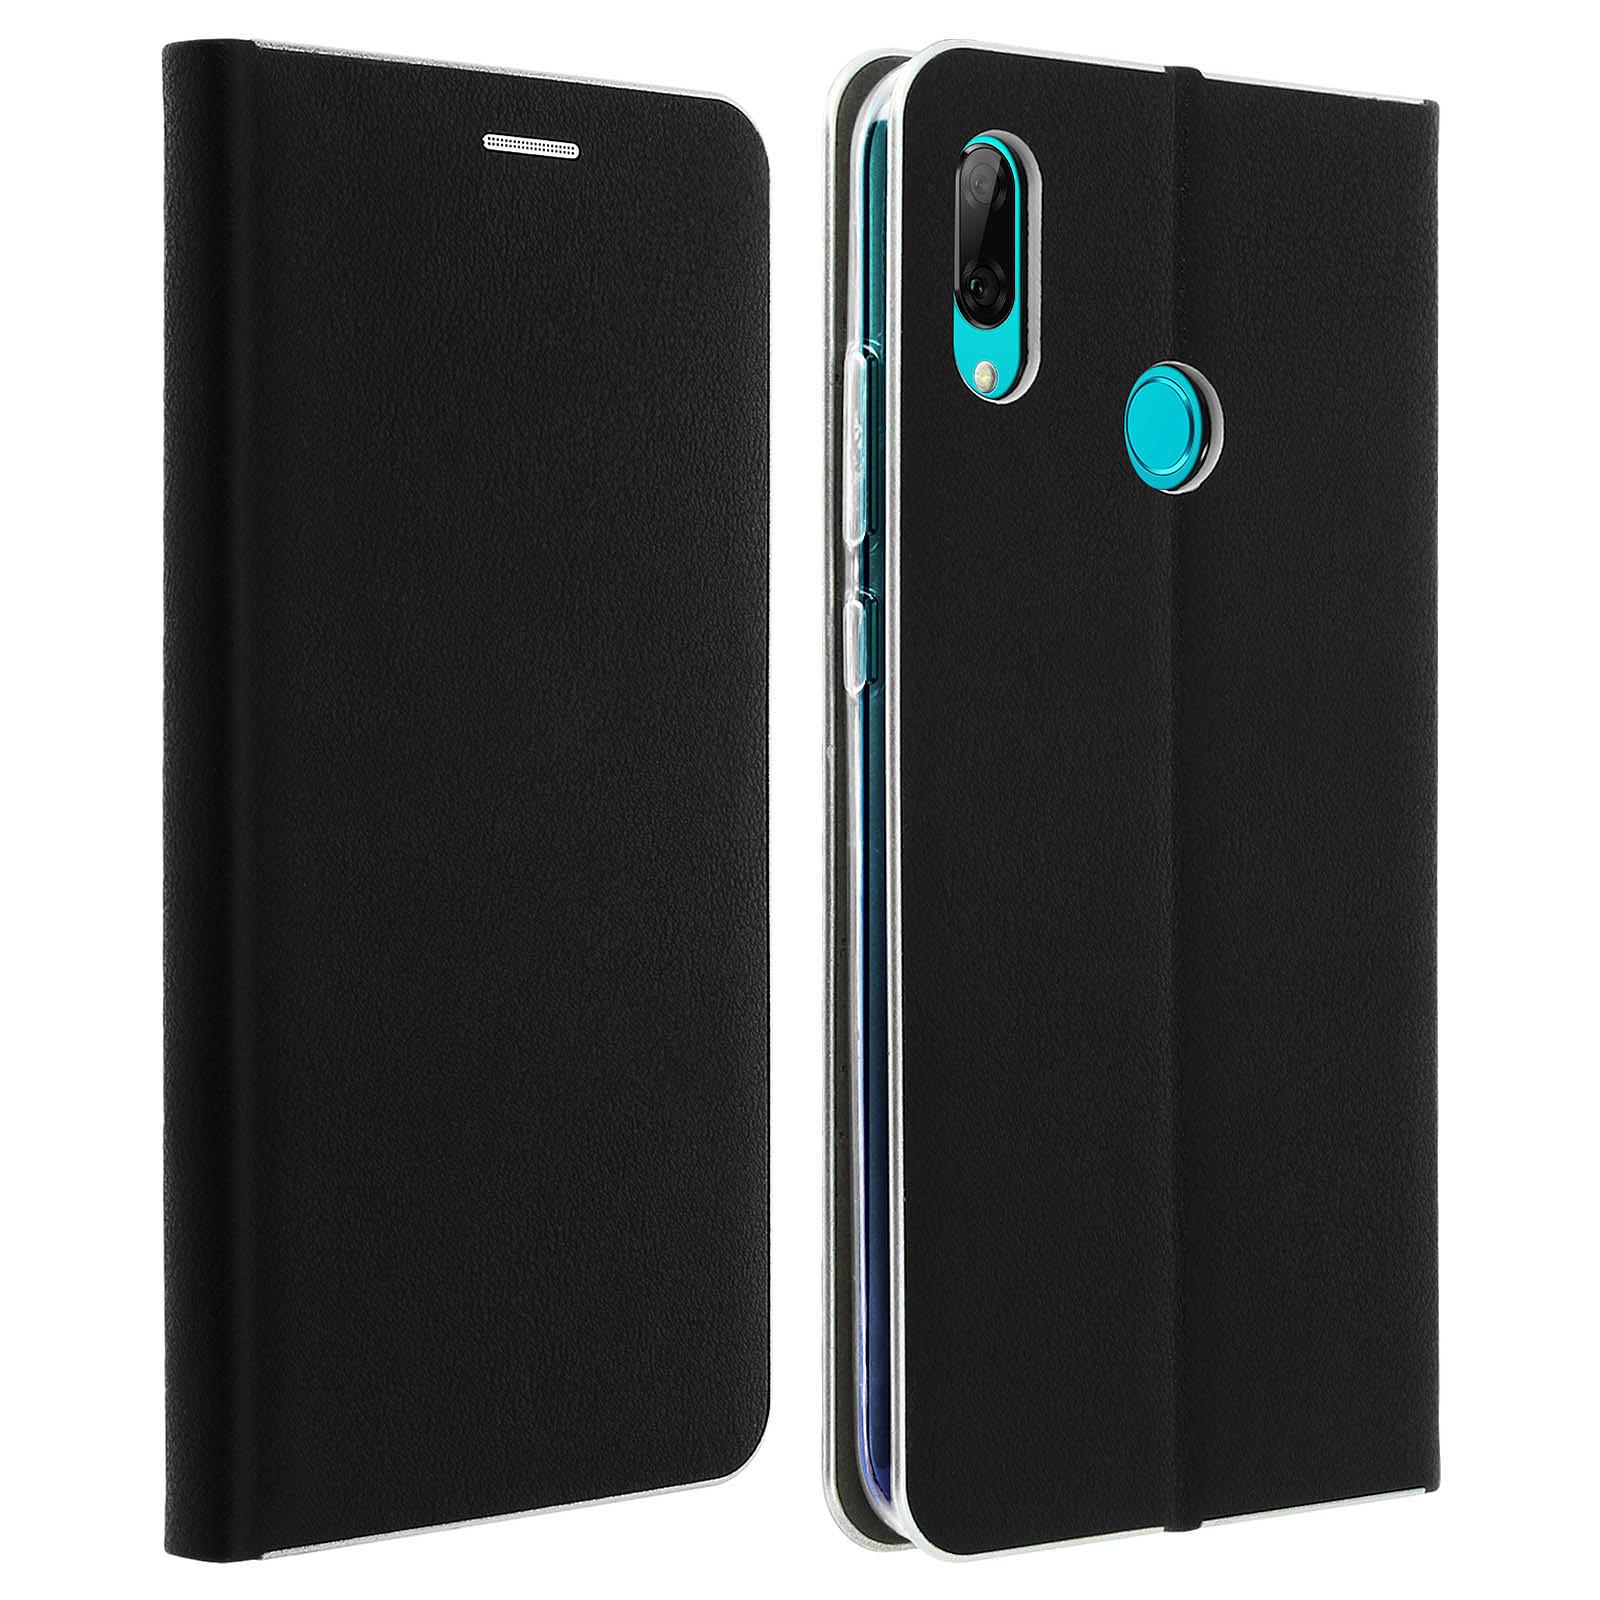 Avizar Etui folio Noir pour Huawei P Smart 2019 , Honor 10 Lite